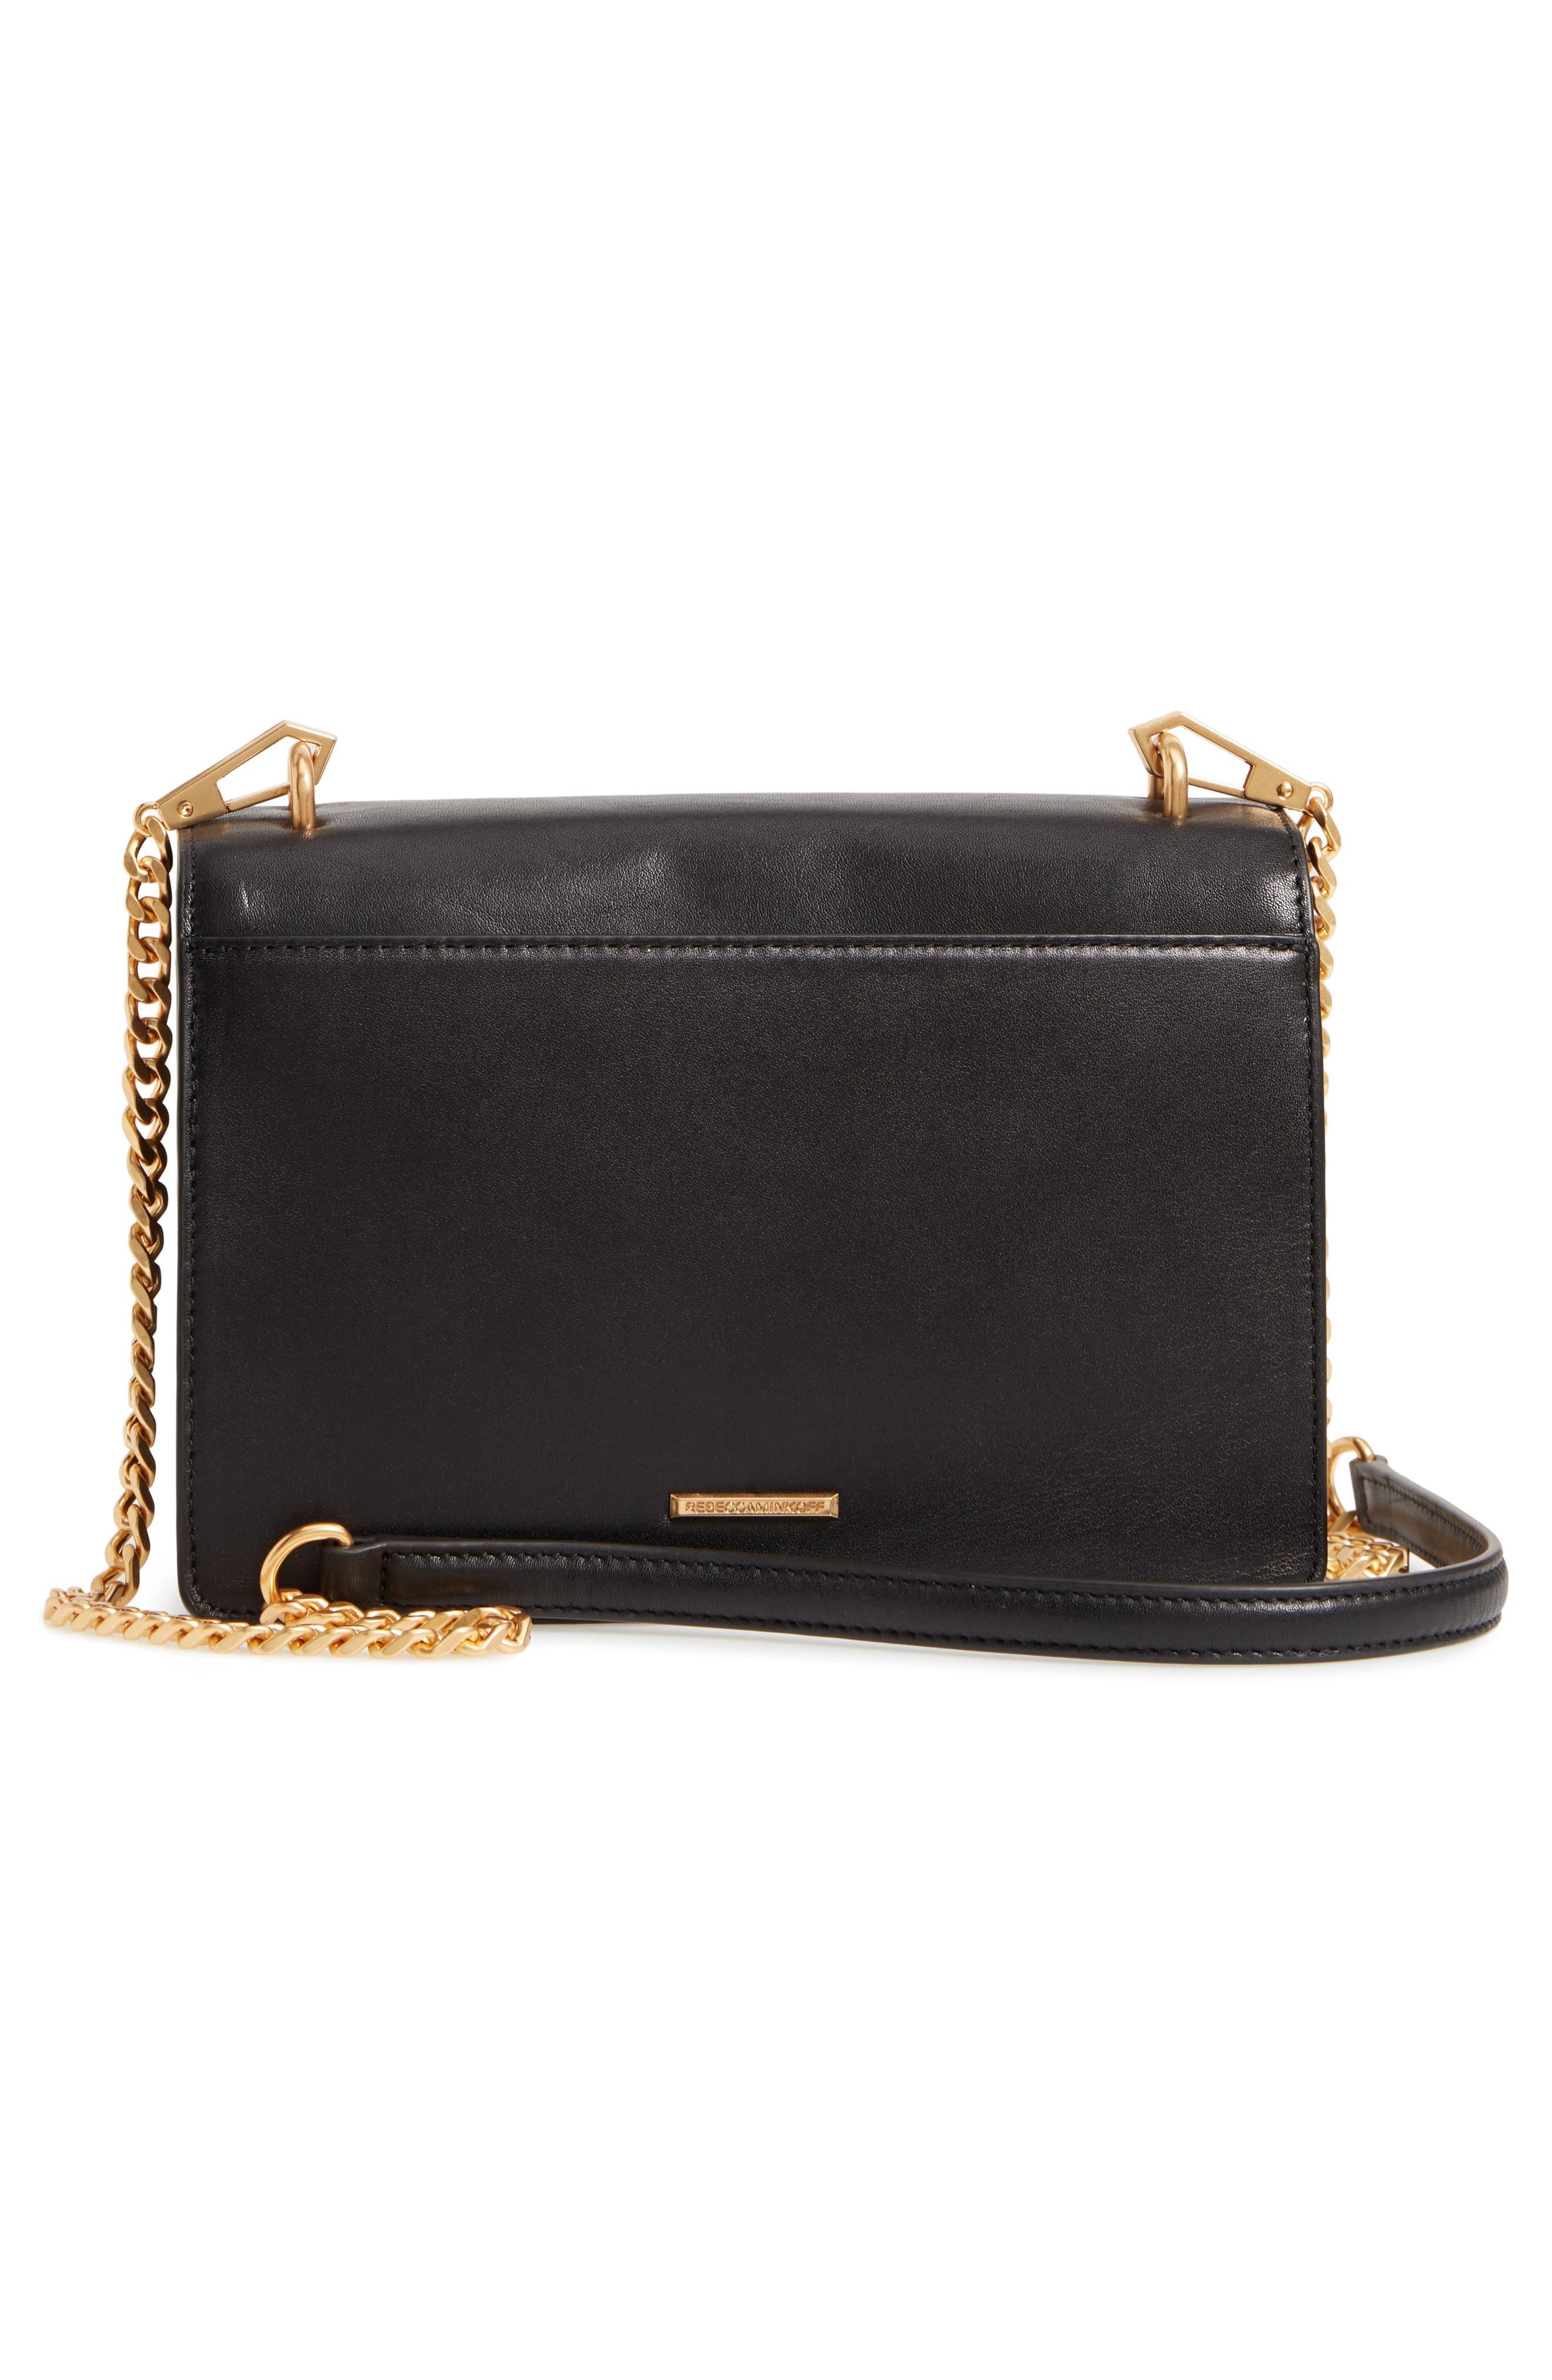 Medium Christy Leather Shoulder Bag,                             Alternate thumbnail 3, color,                             001